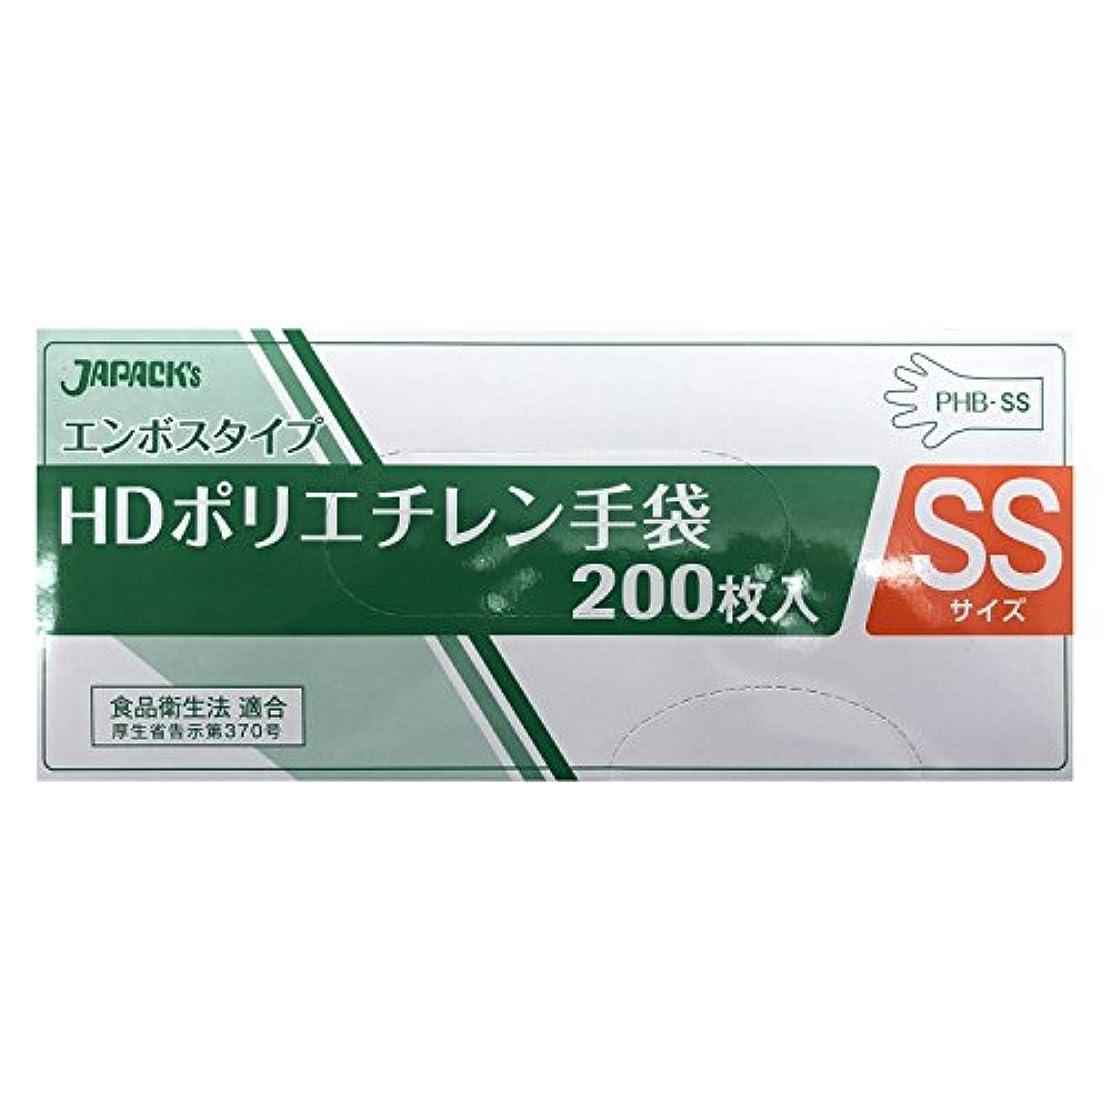 オセアニア慣習色エンボスタイプ HDポリエチレン手袋 SSサイズ BOX 200枚入 無着色 PHB-SS